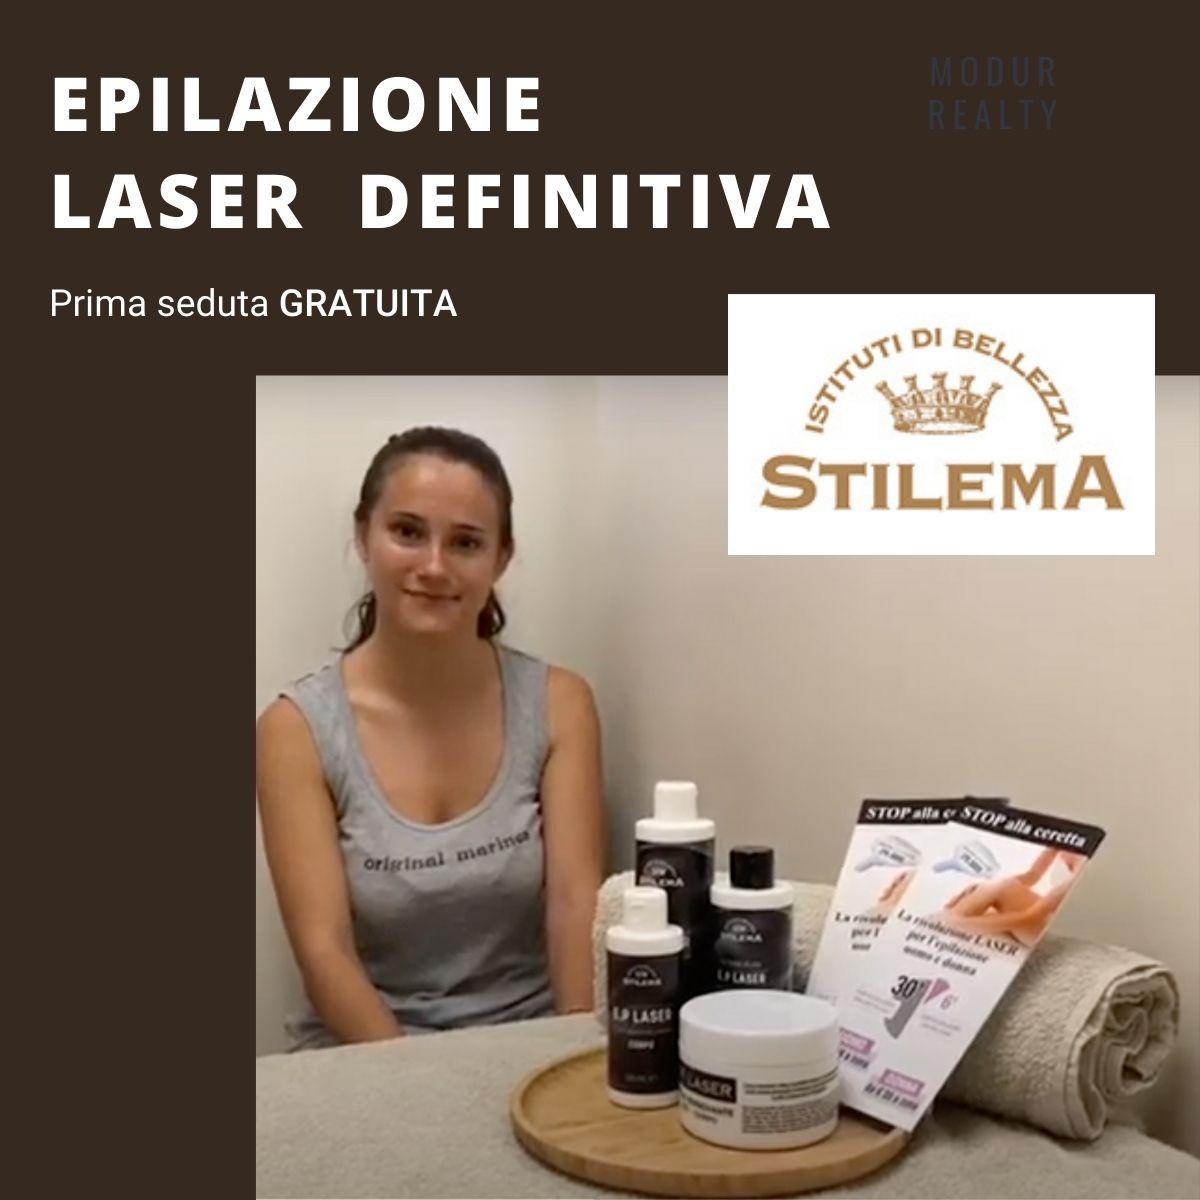 epilazione laser definitiva alba